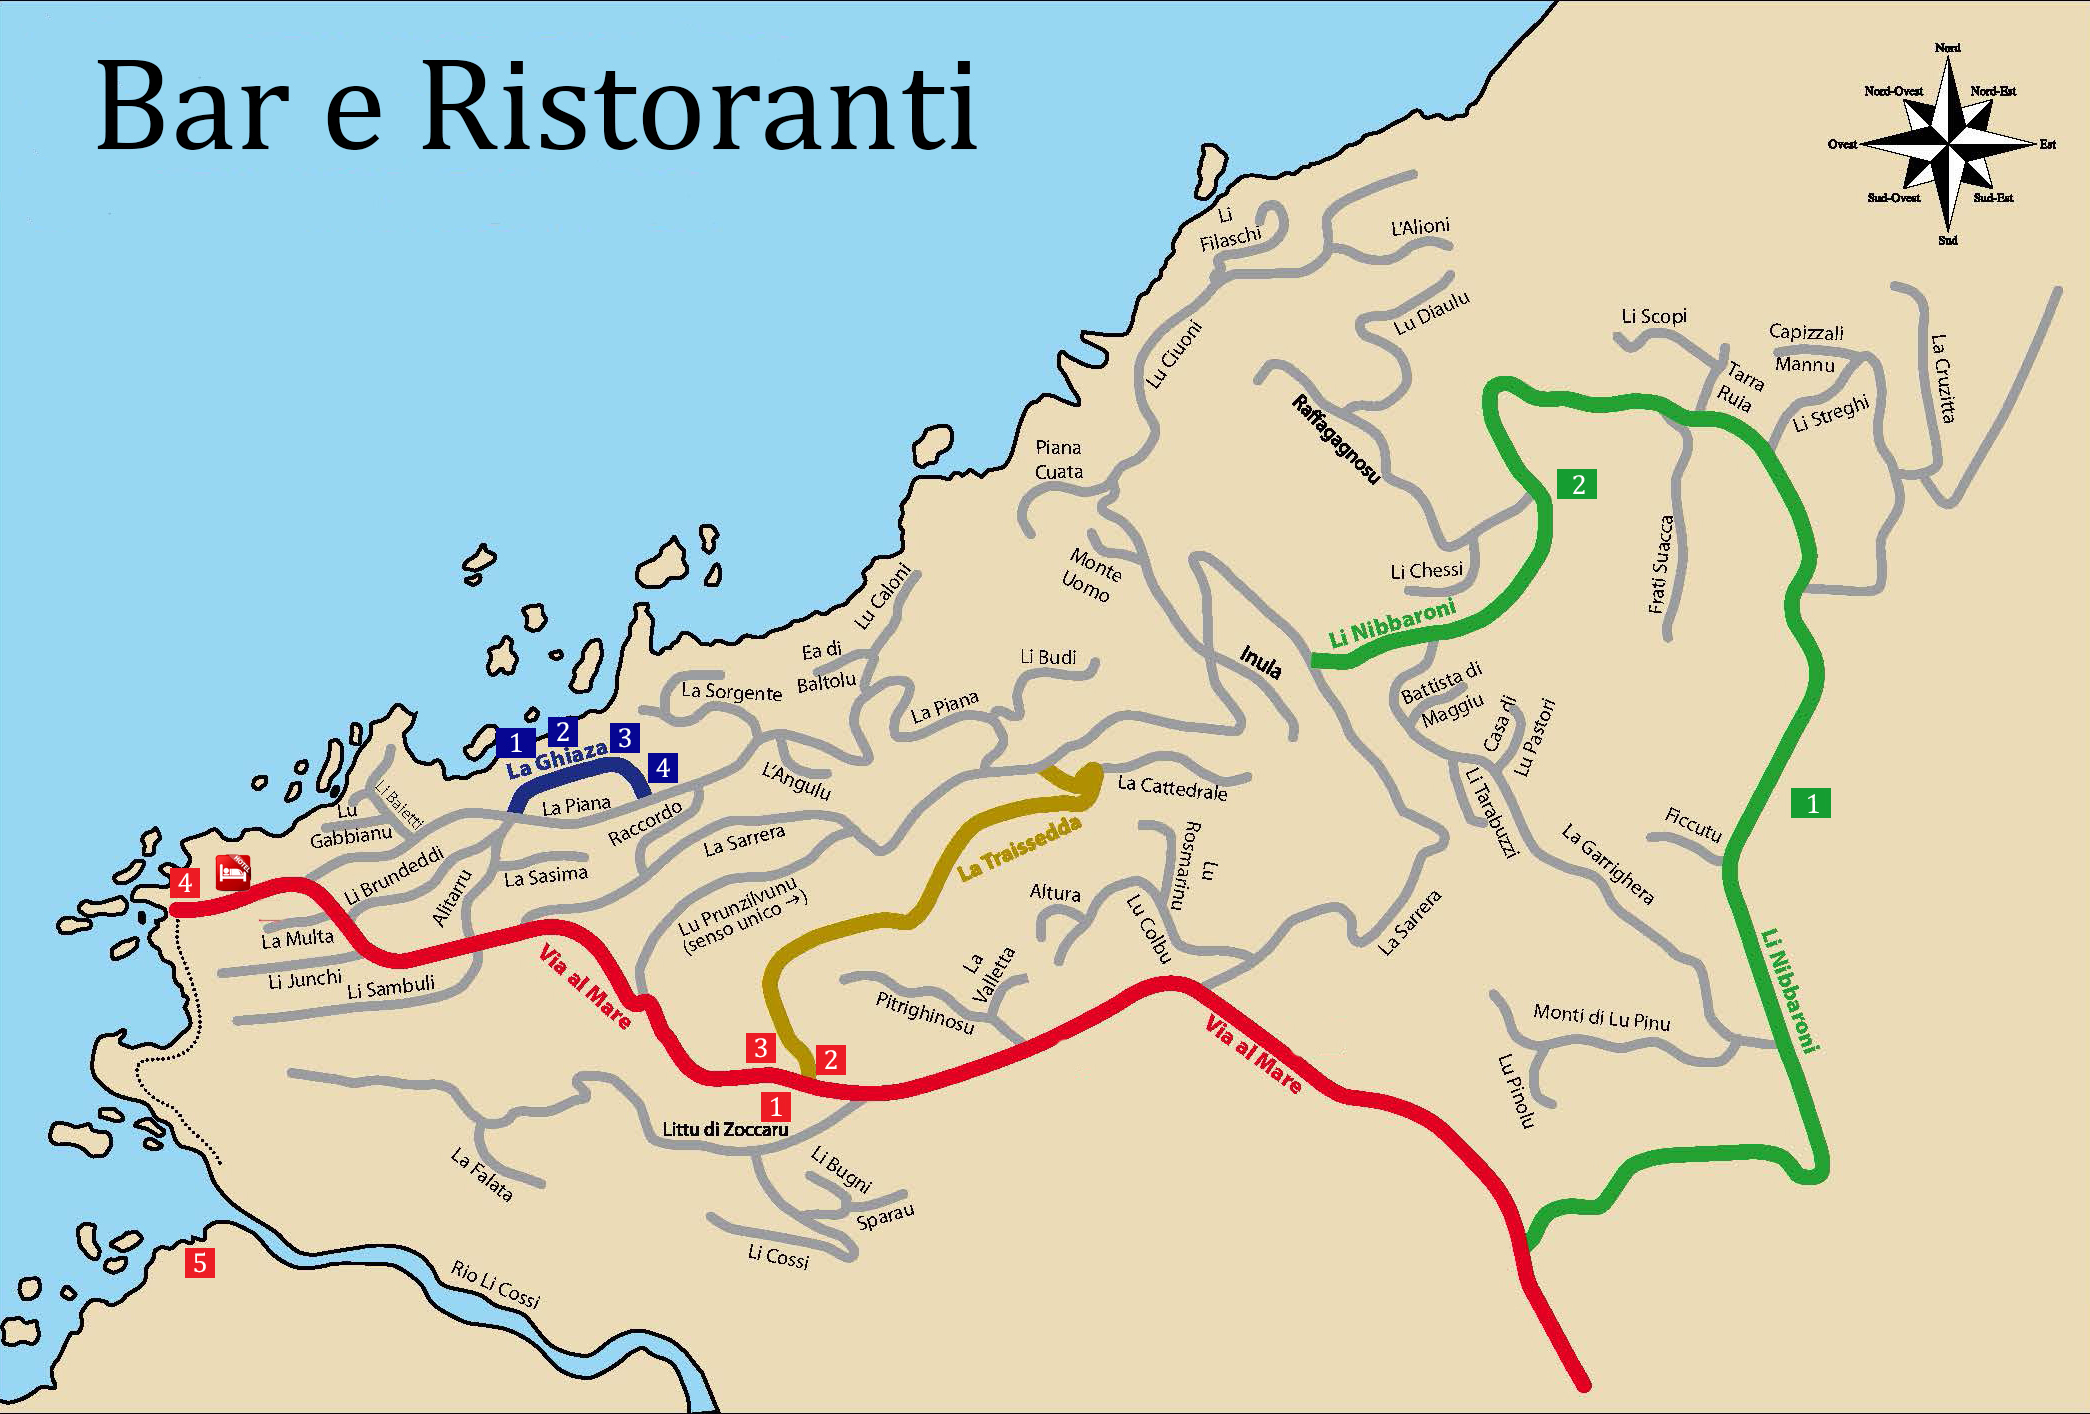 Territorio costa paradiso mappe 1